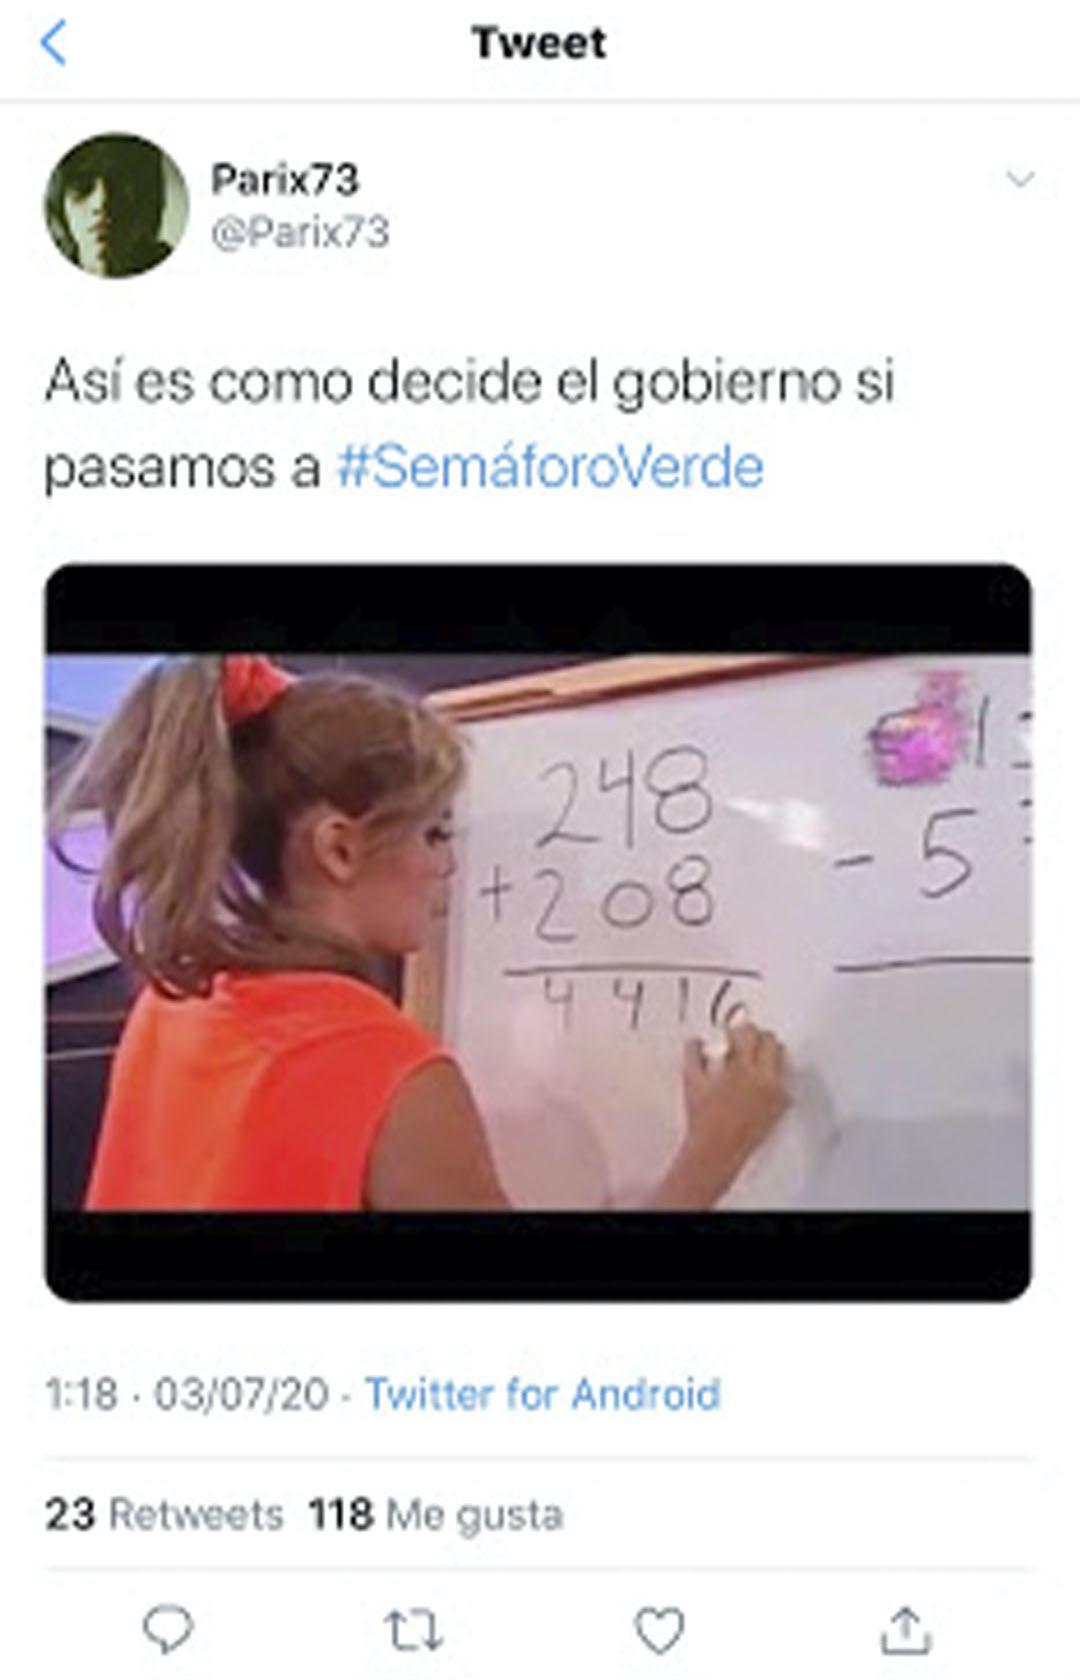 Tunden Con Memes A Ciro Gomez Leyva Por Falso Semaforo Verde Infobae